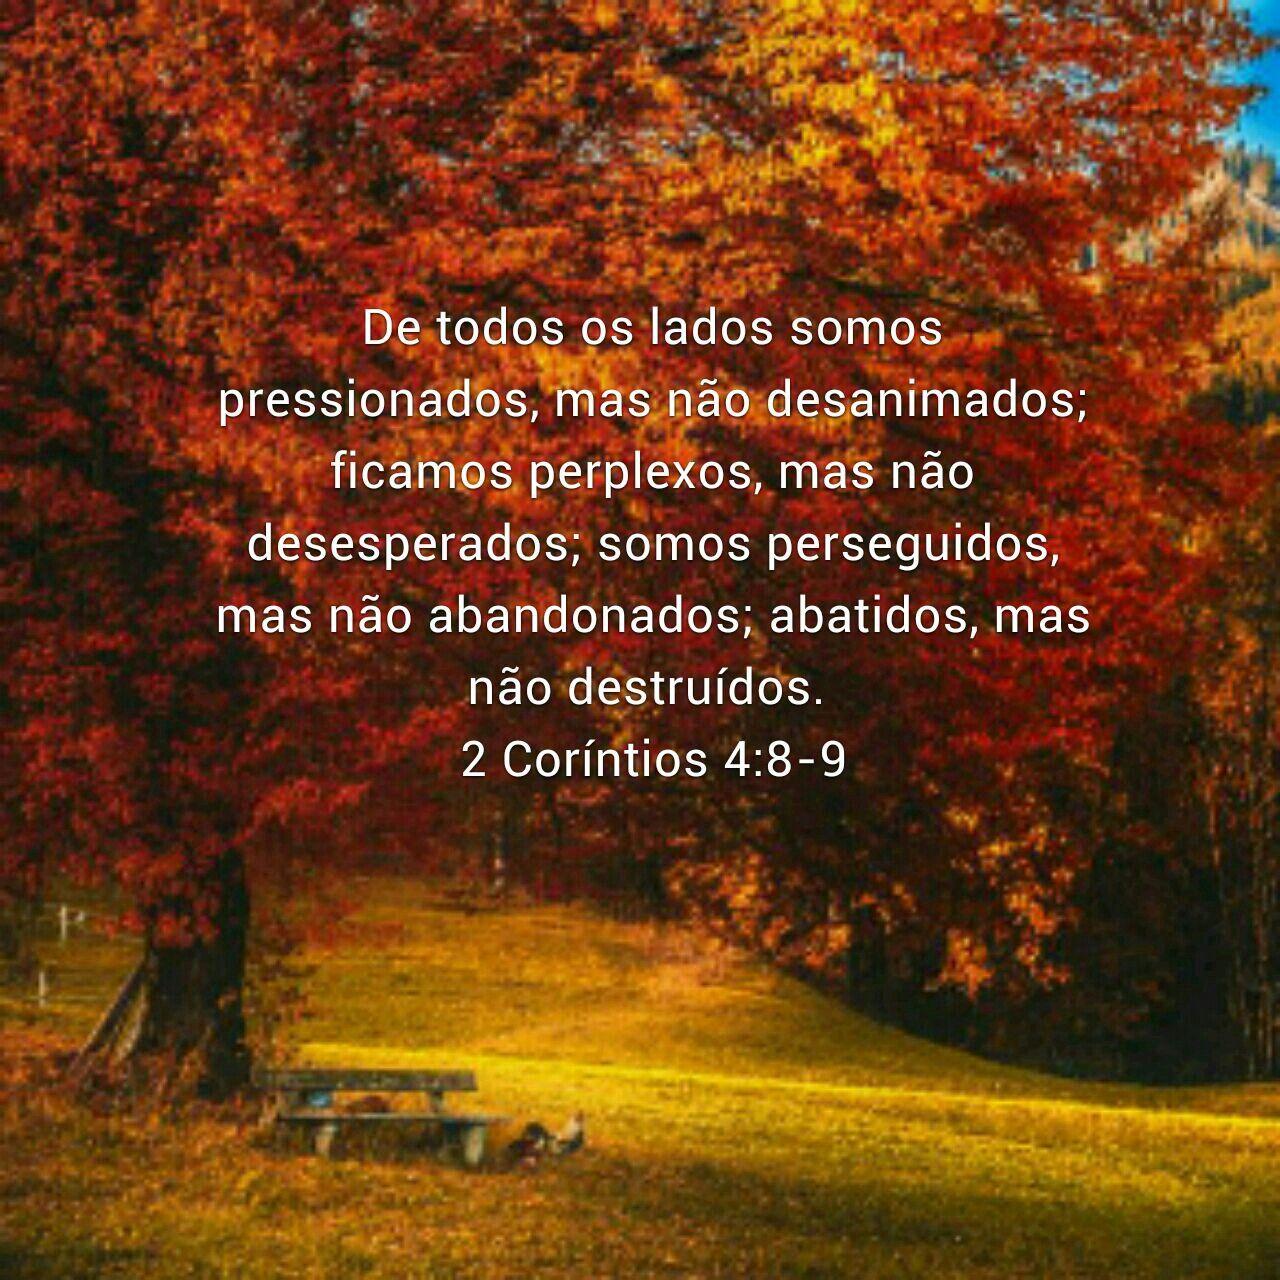 Ii Corintios 4 8 9 Corintias Ii Corintios Palavra De Deus